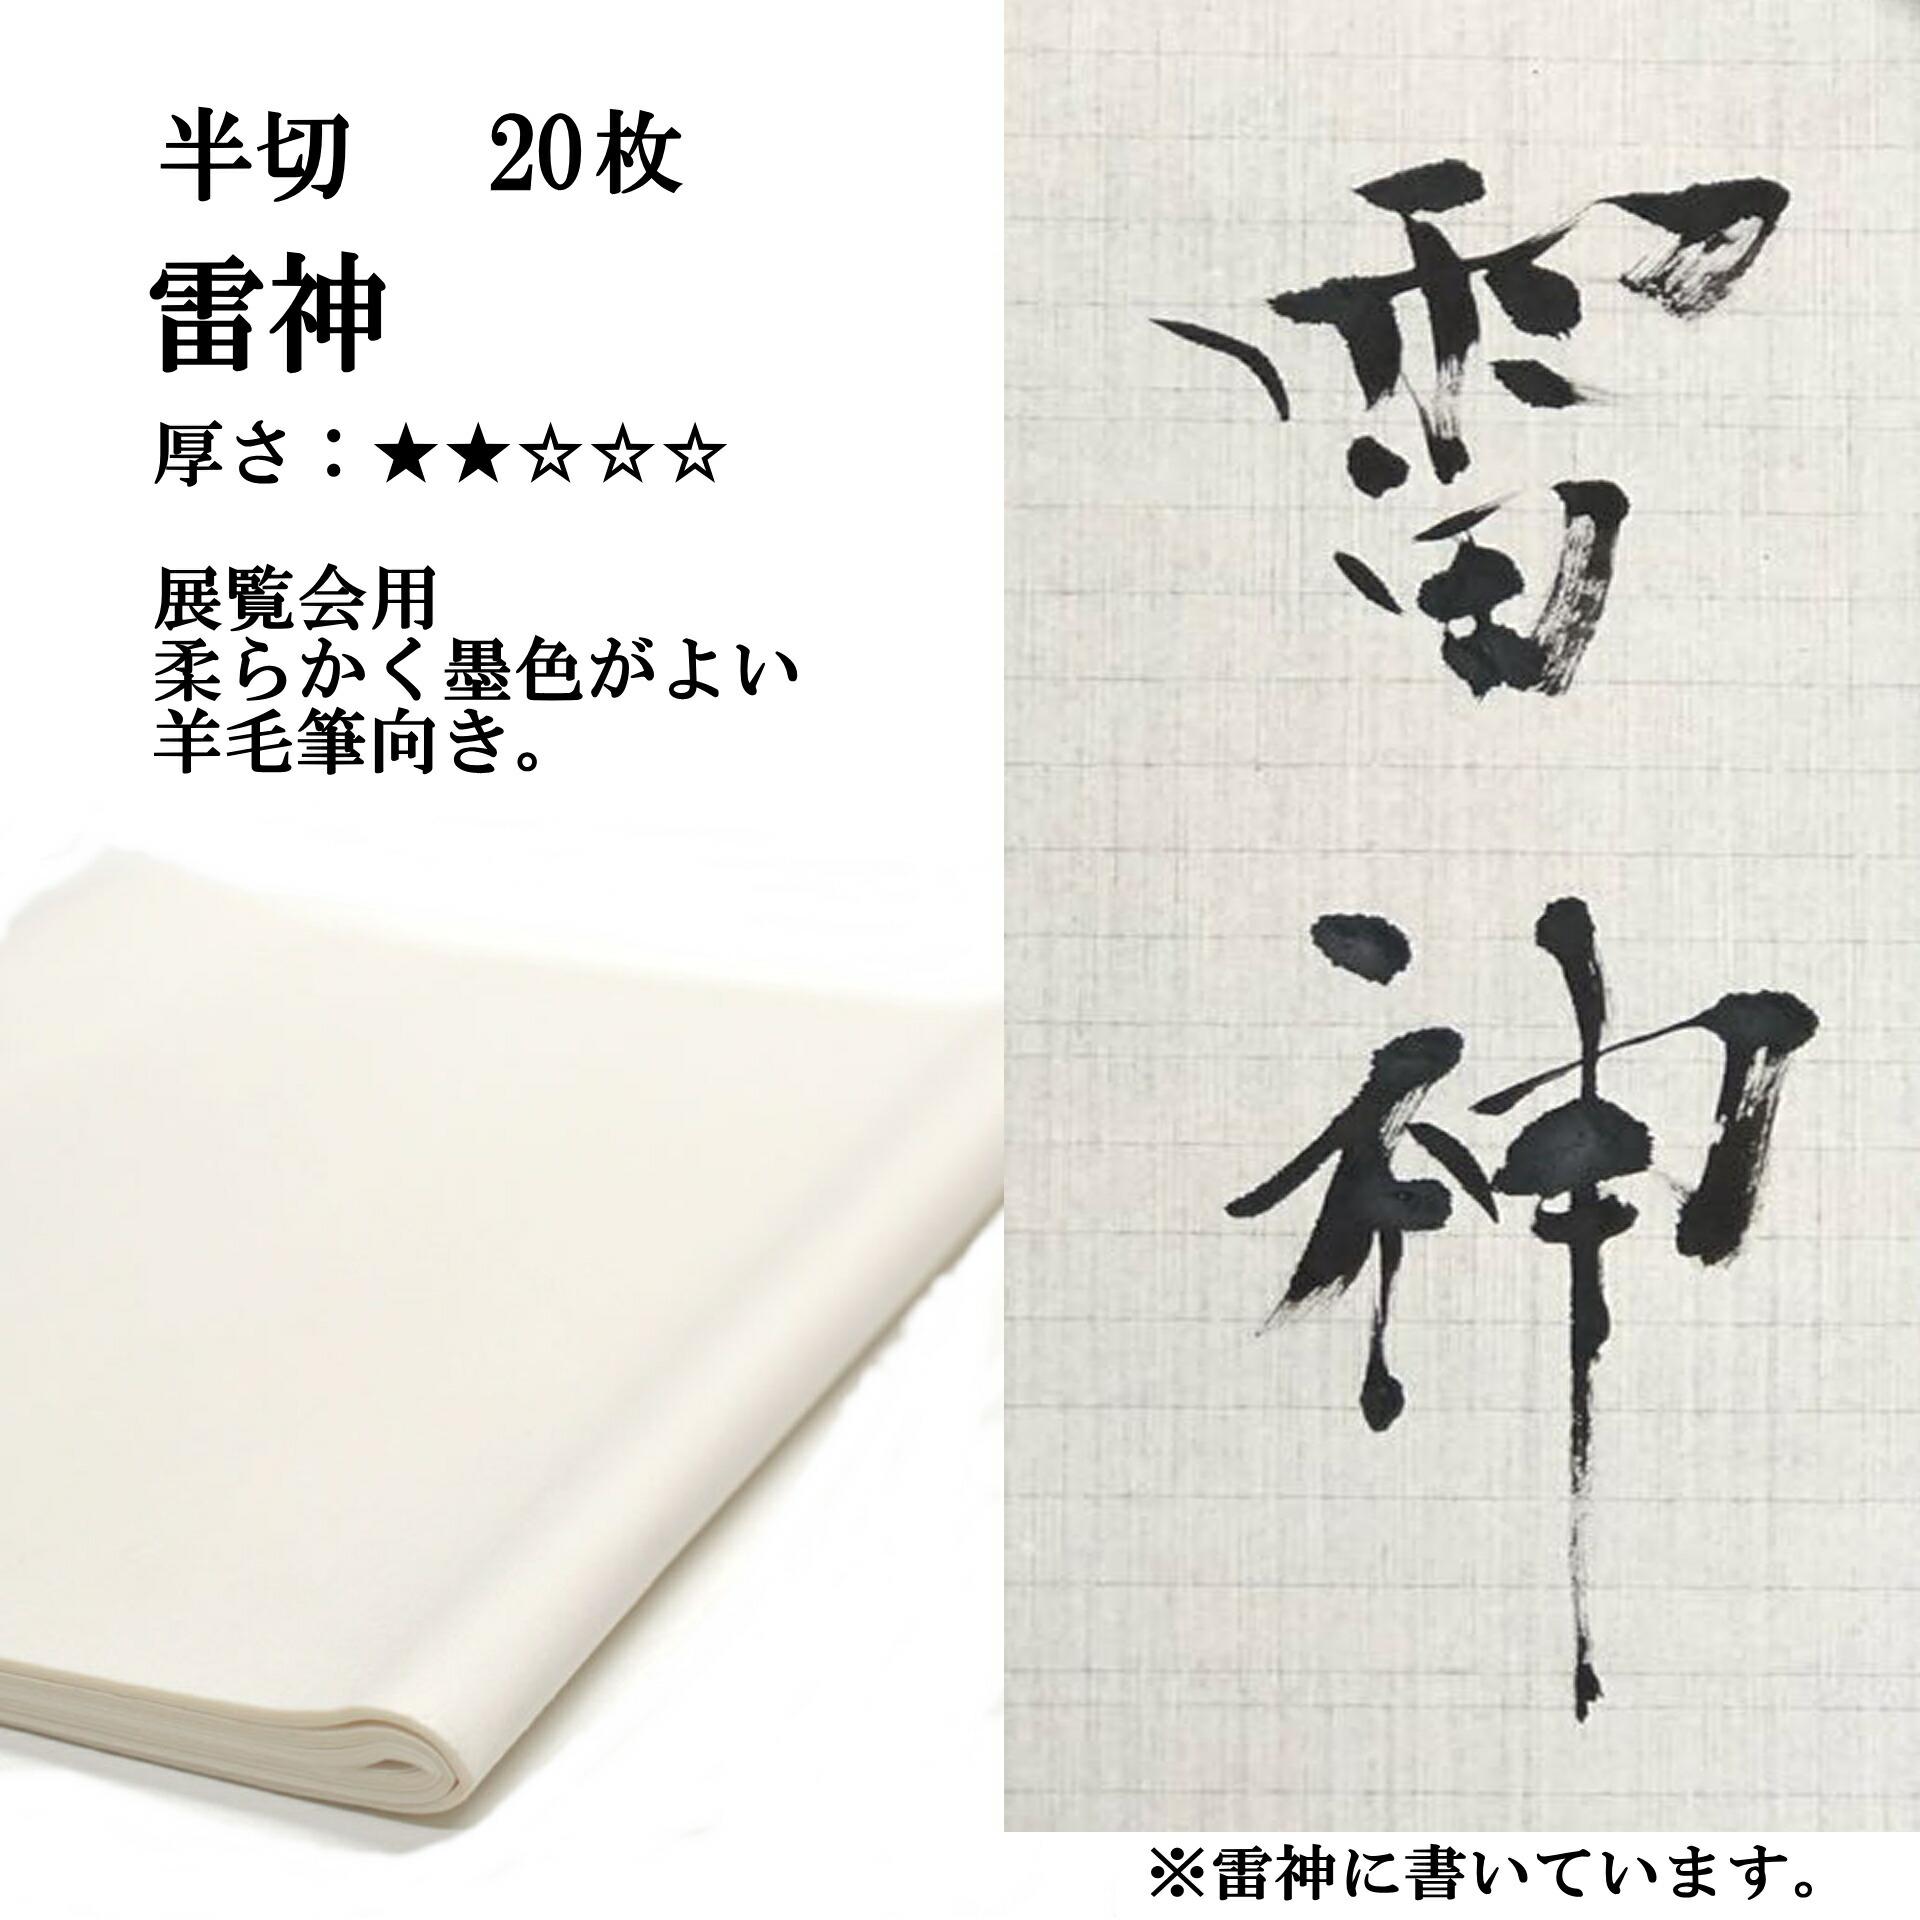 手漉き画仙紙 雷神 20枚